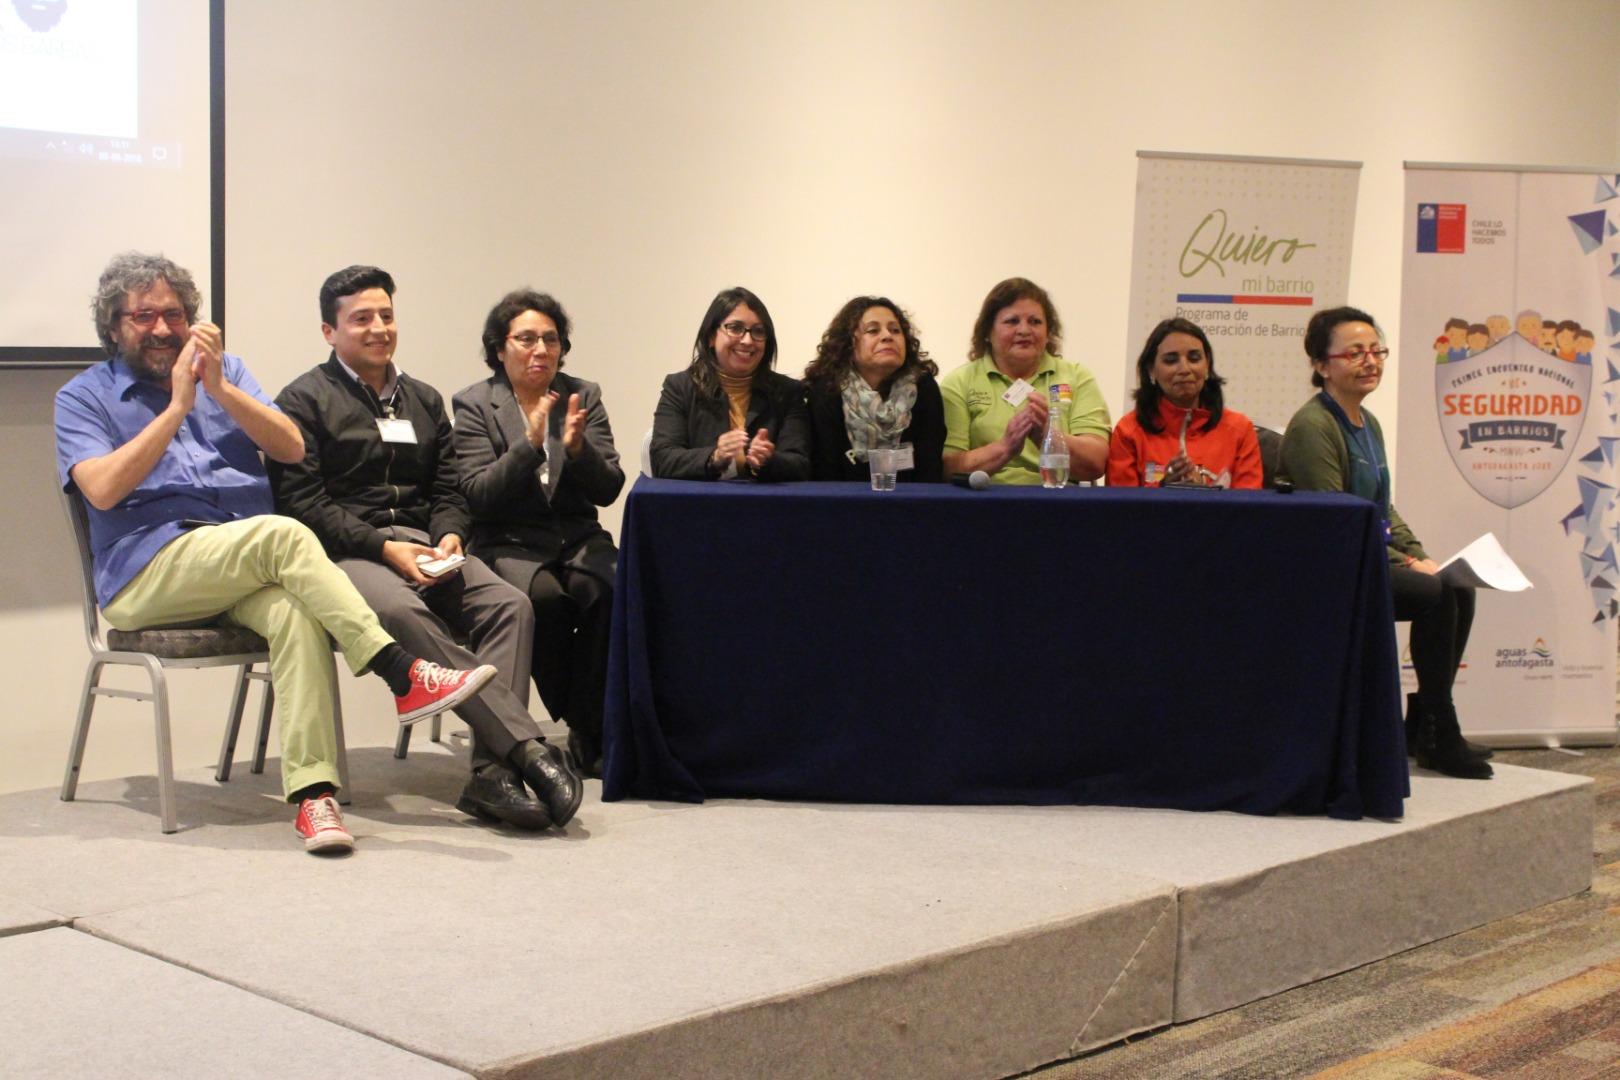 Alcalde expuso sobre seguridad en Antofagasta